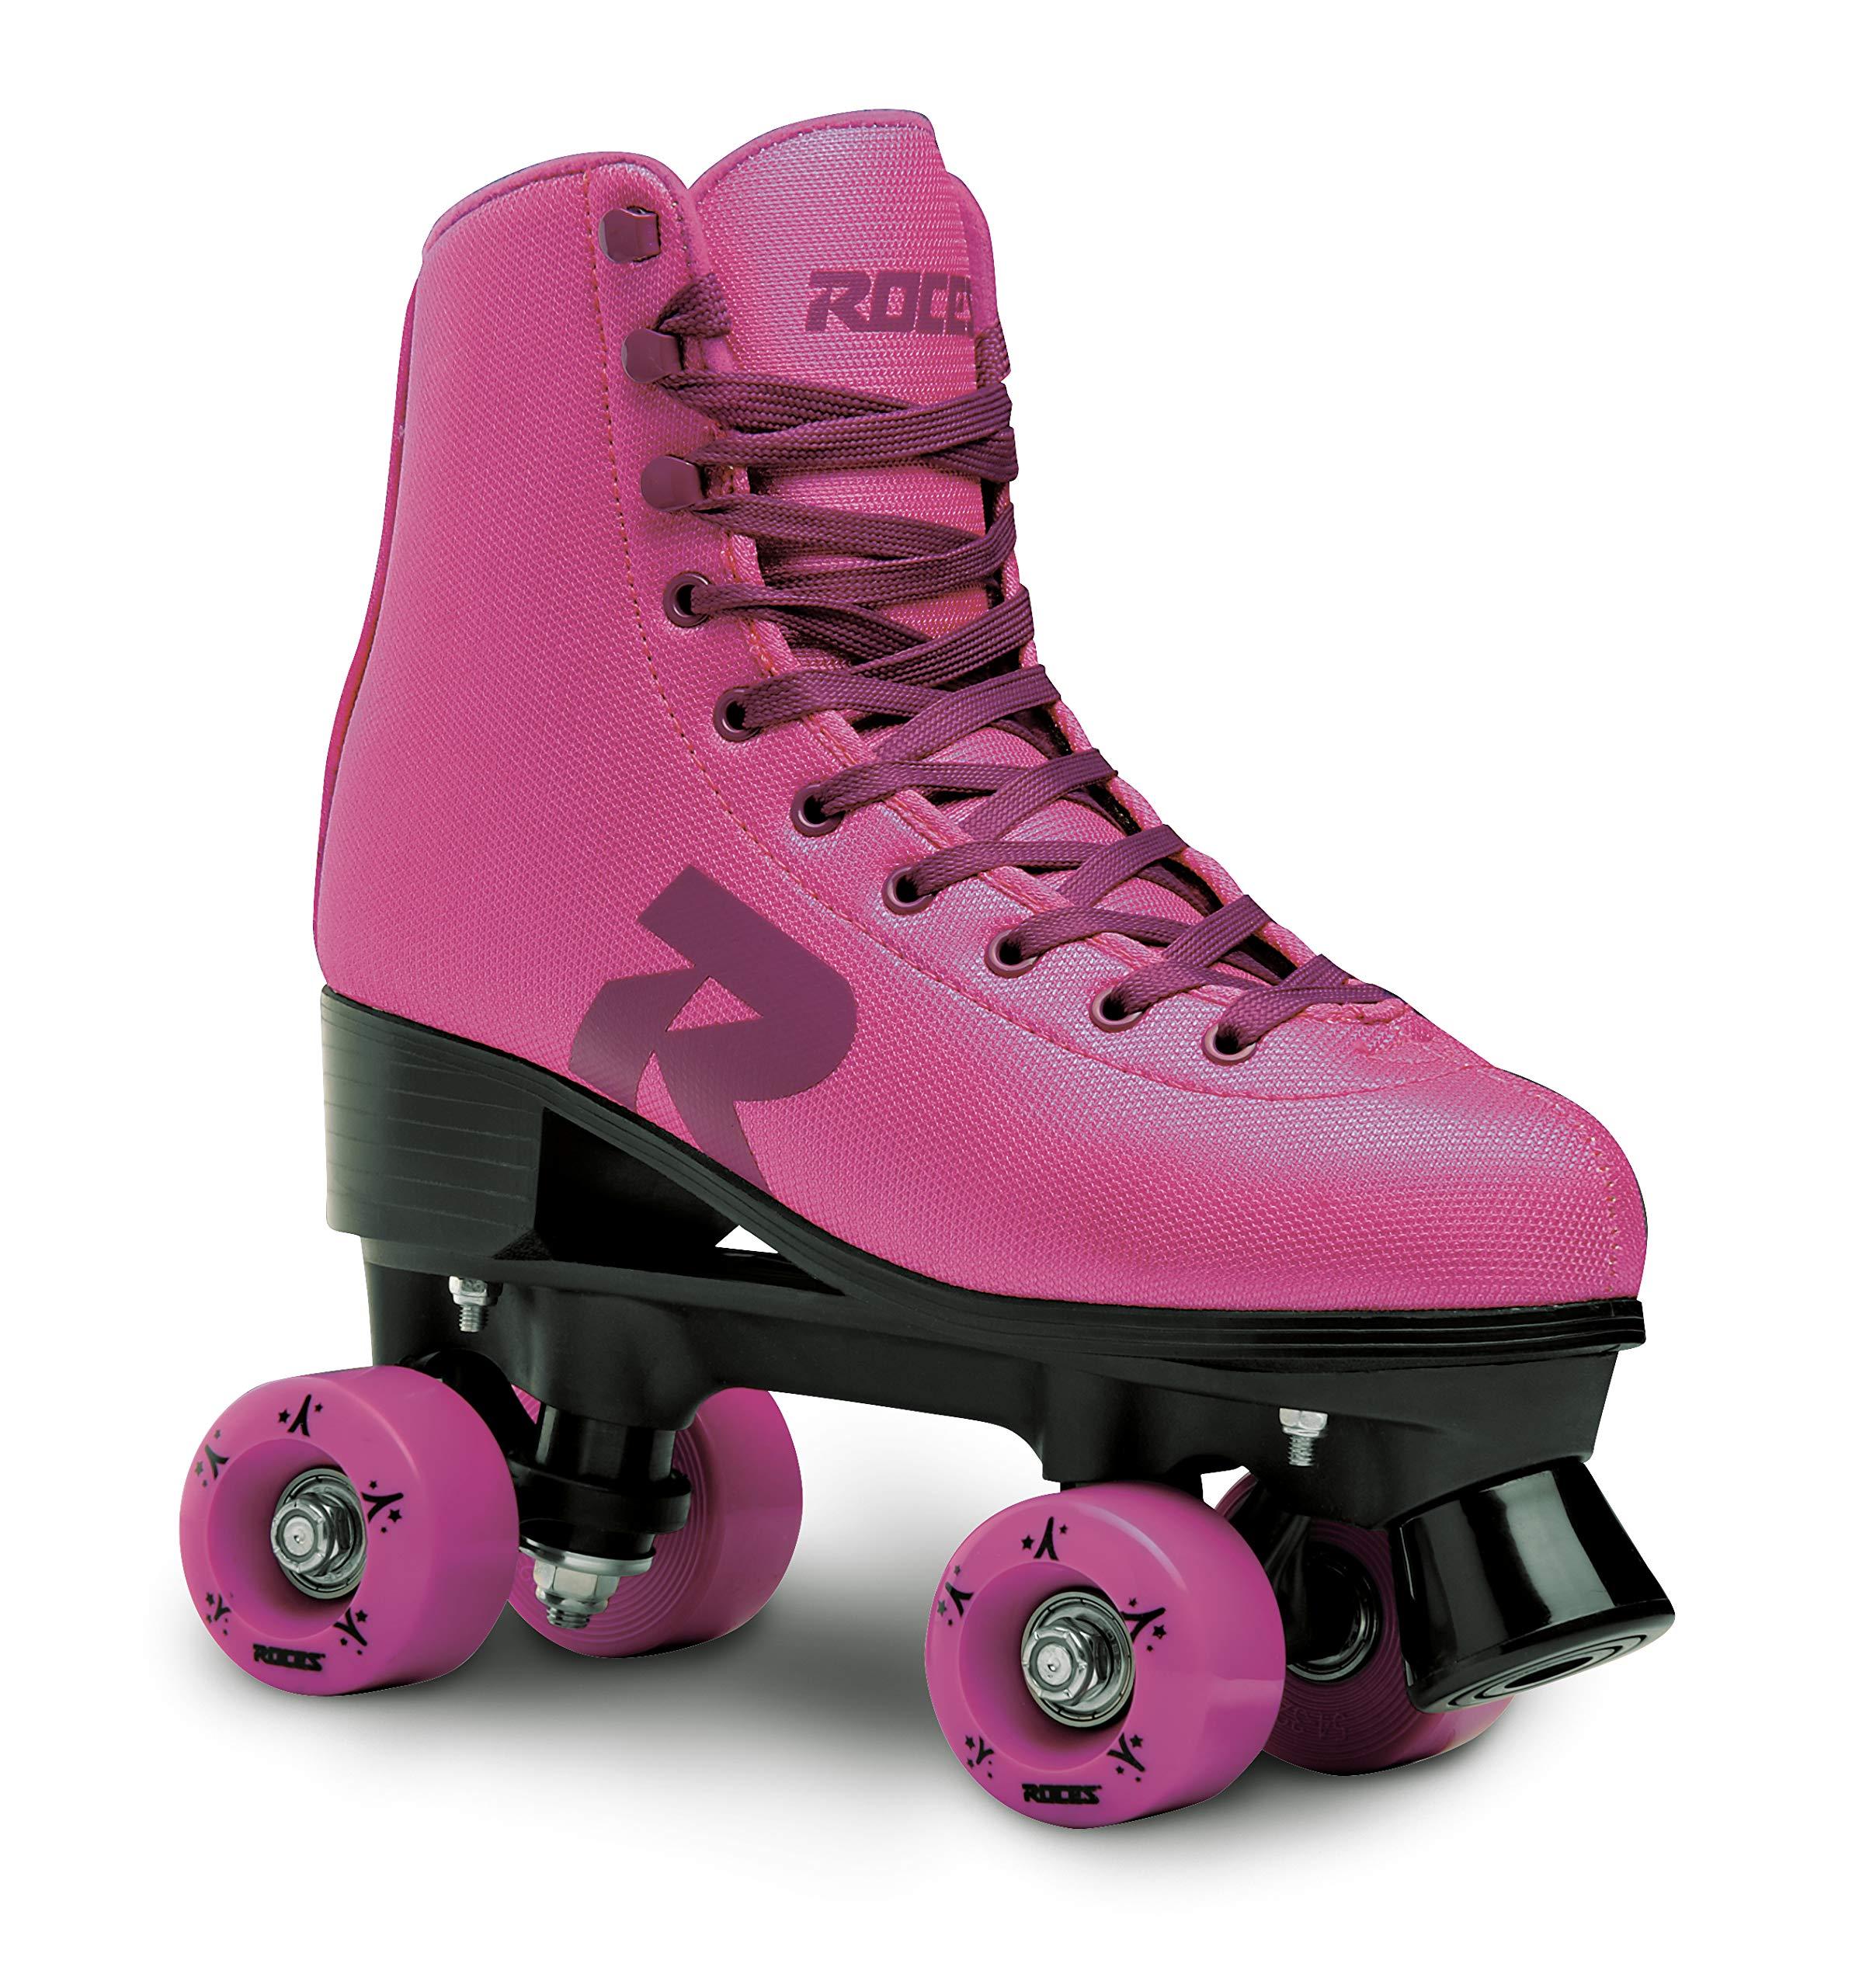 Roces 550062 Model 52 Star Roller Skate, US 4M/6W, Pink/Violet